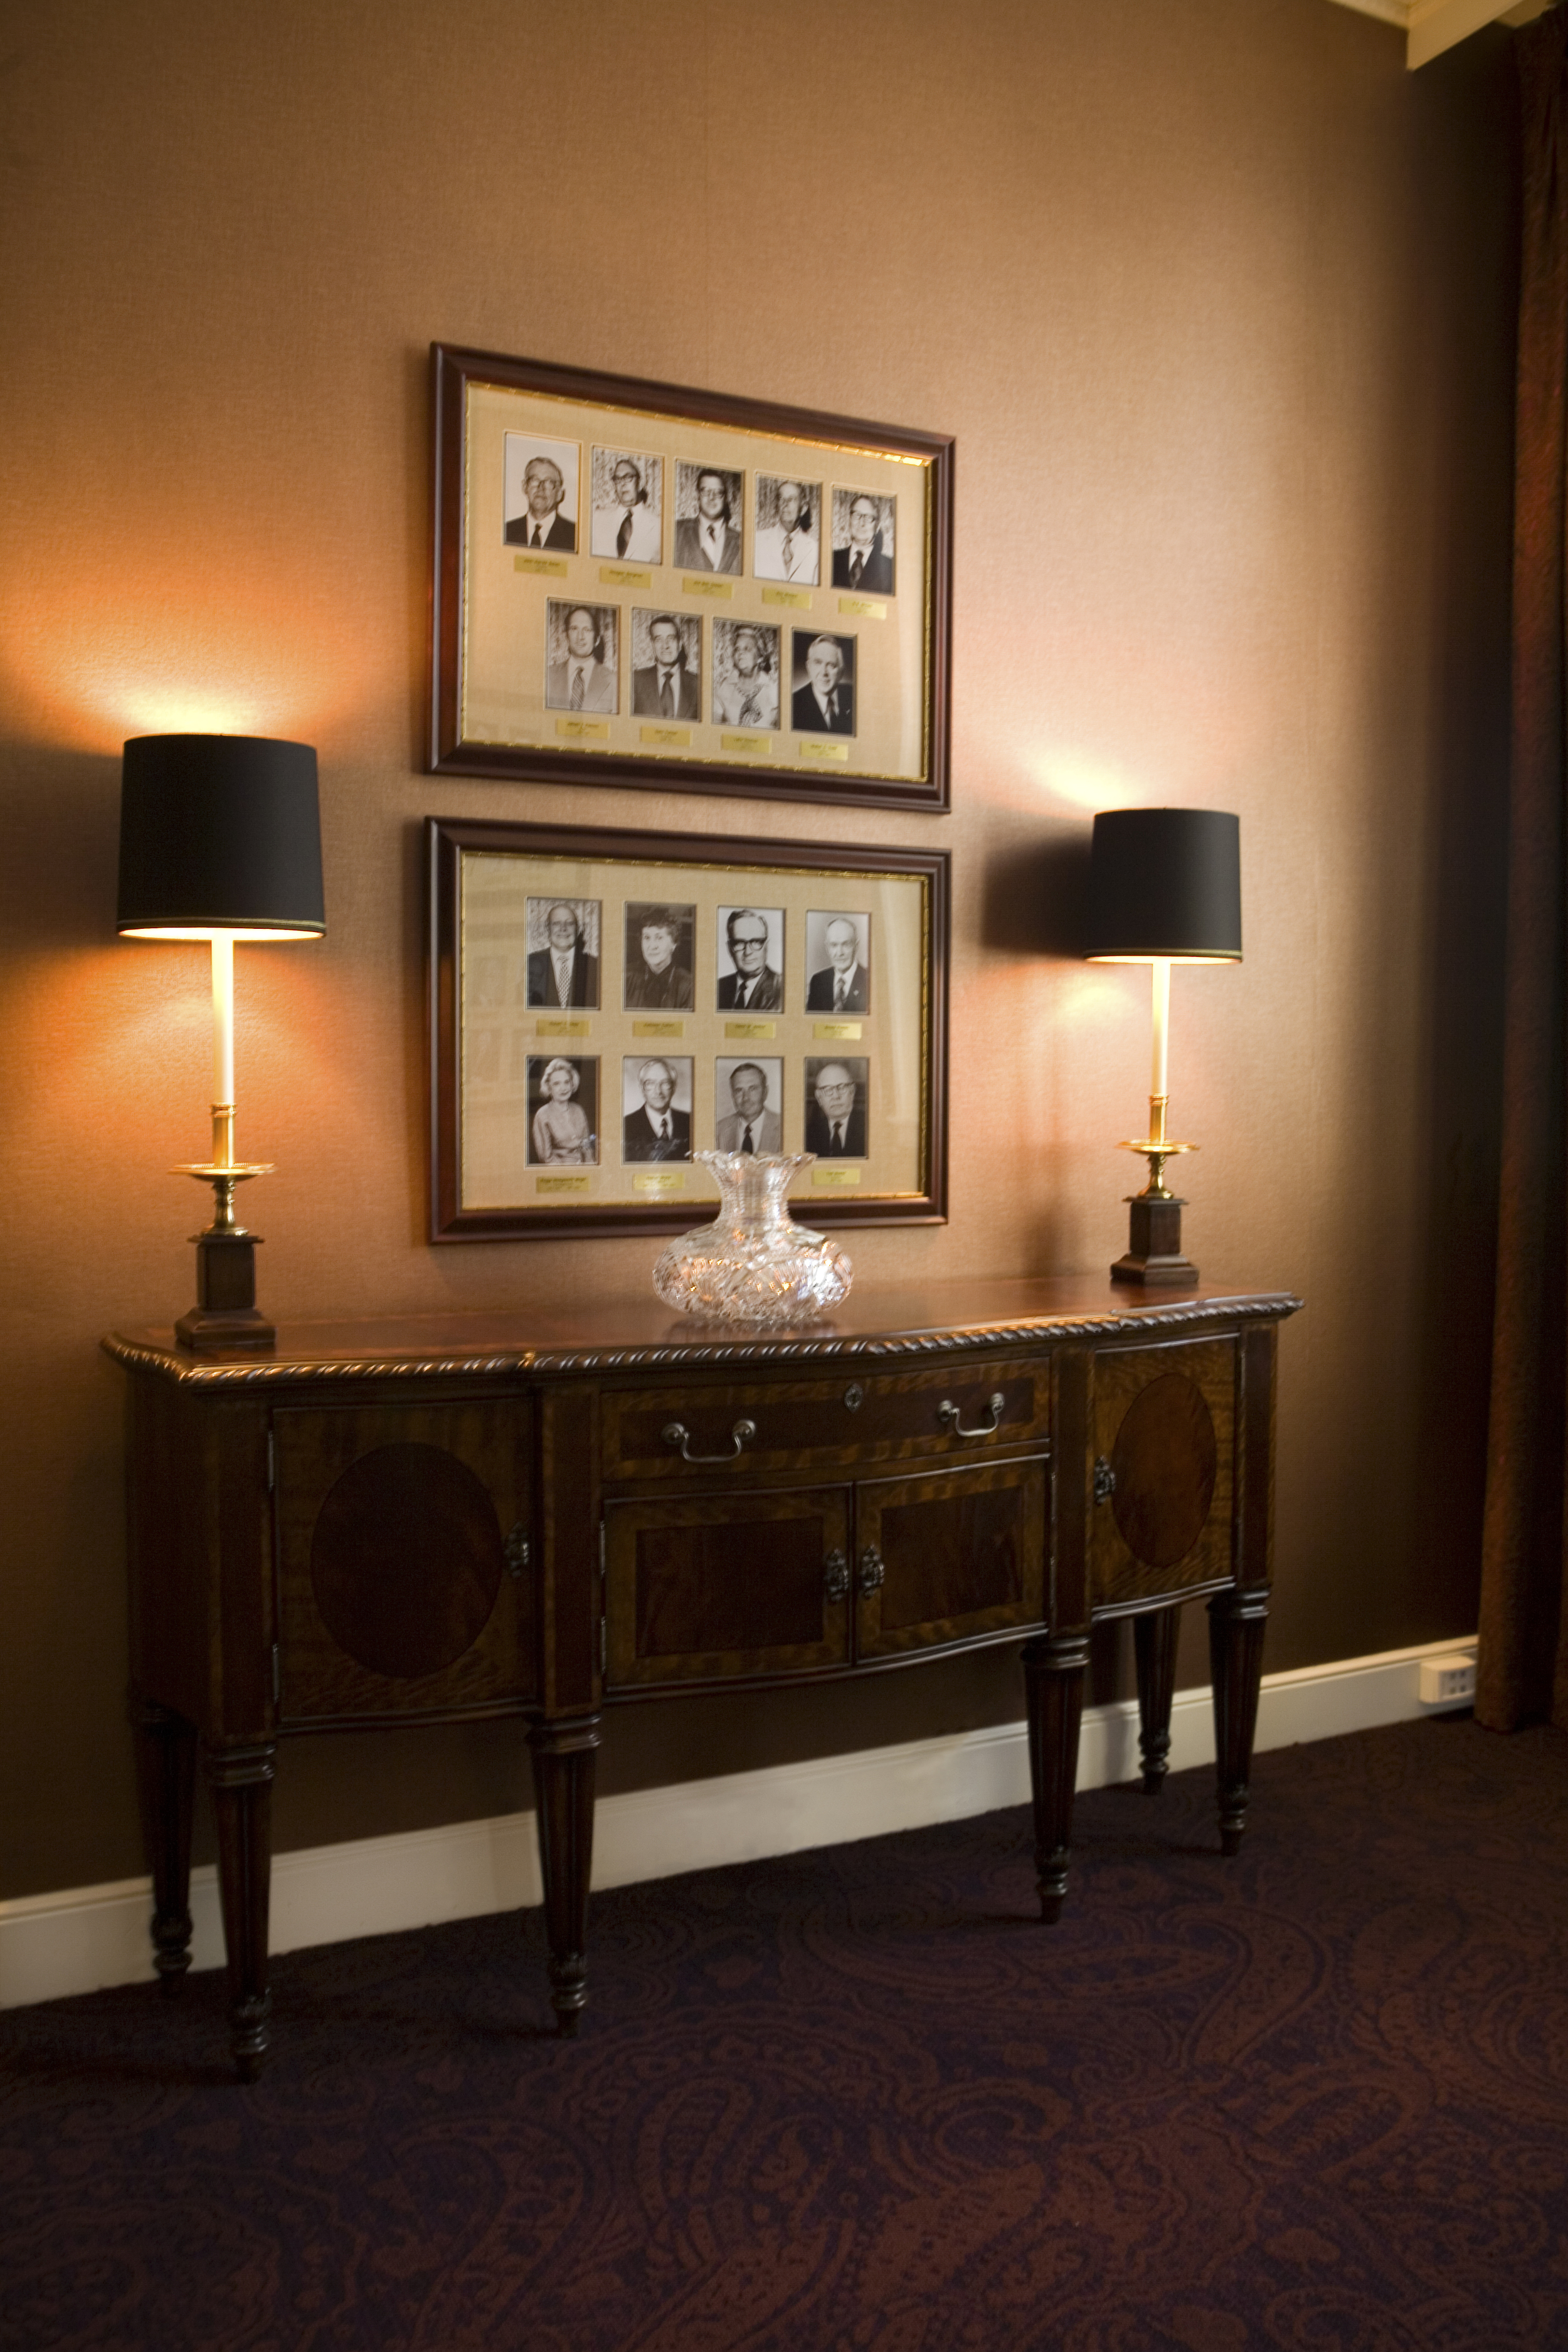 Office designer - Houston TX - Ambiance Interior Design